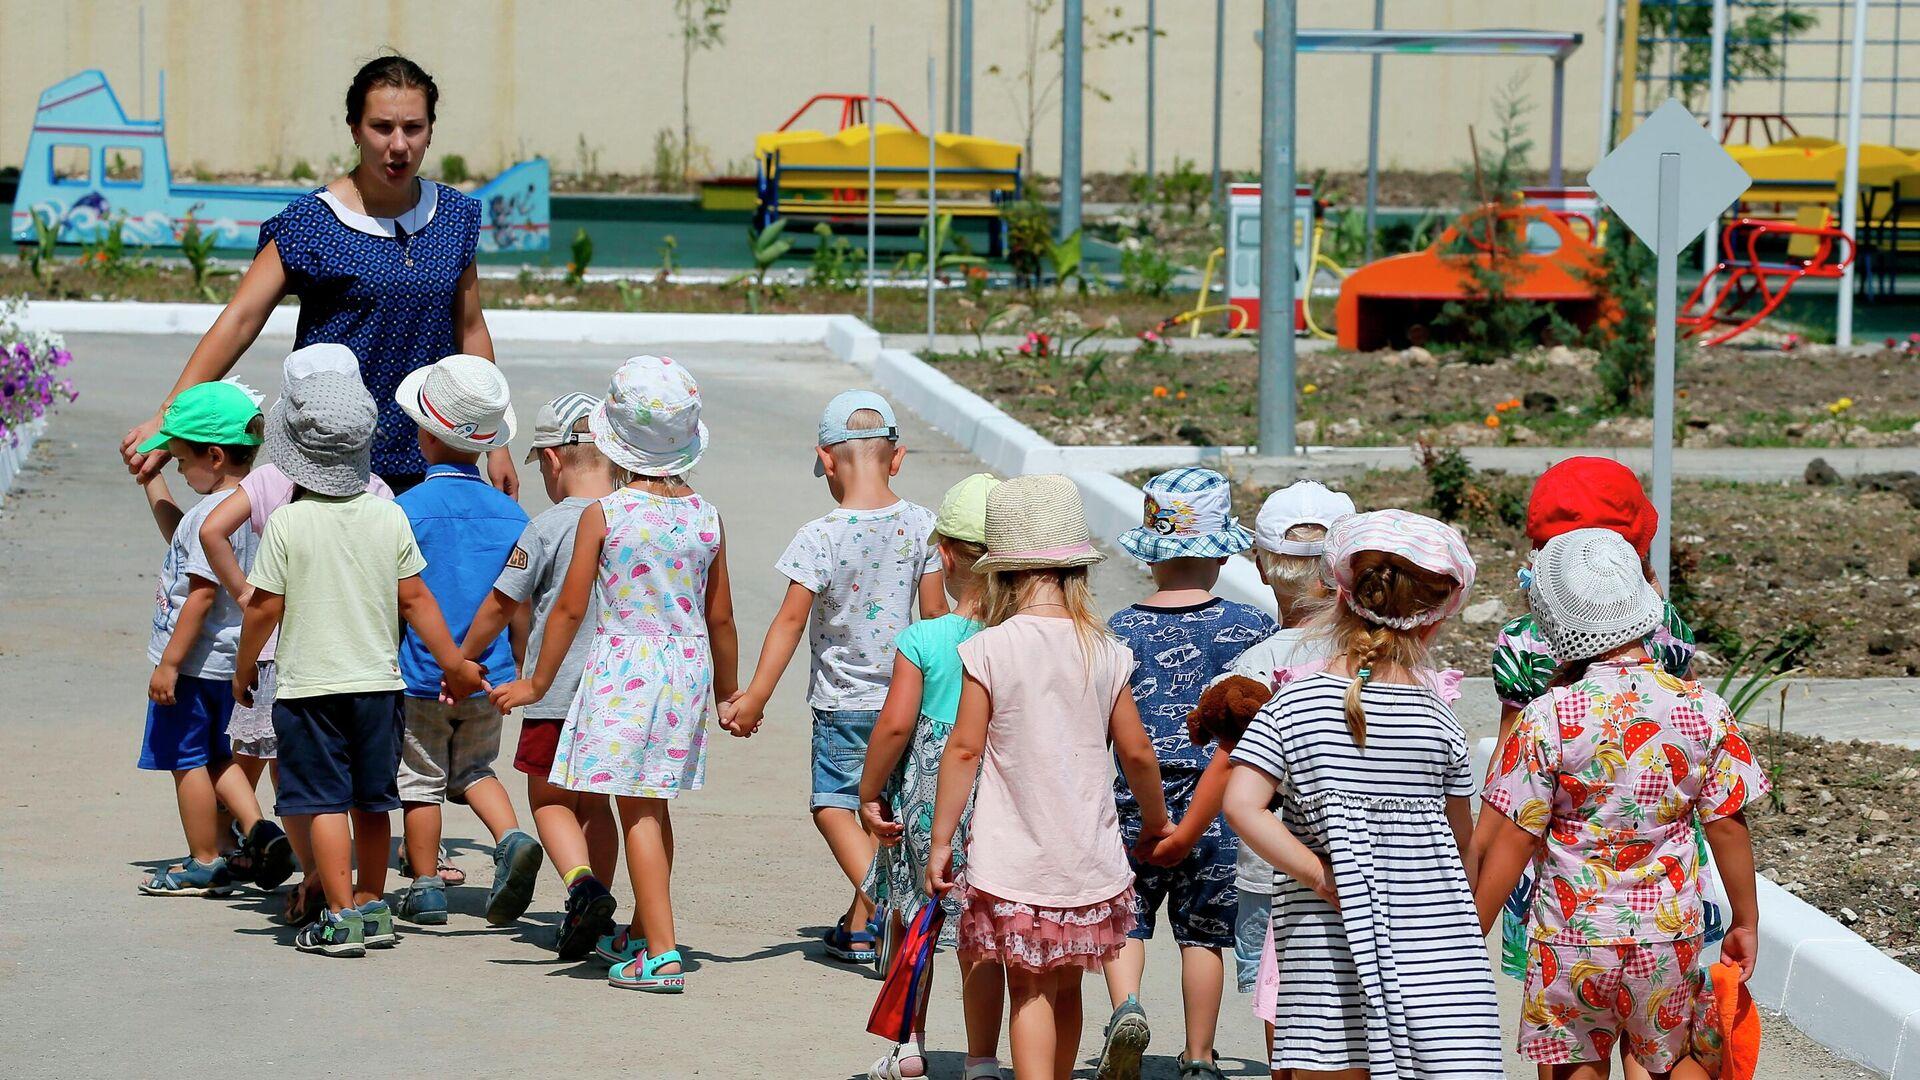 Дети с воспитателем в детском саду - РИА Новости, 1920, 27.09.2021